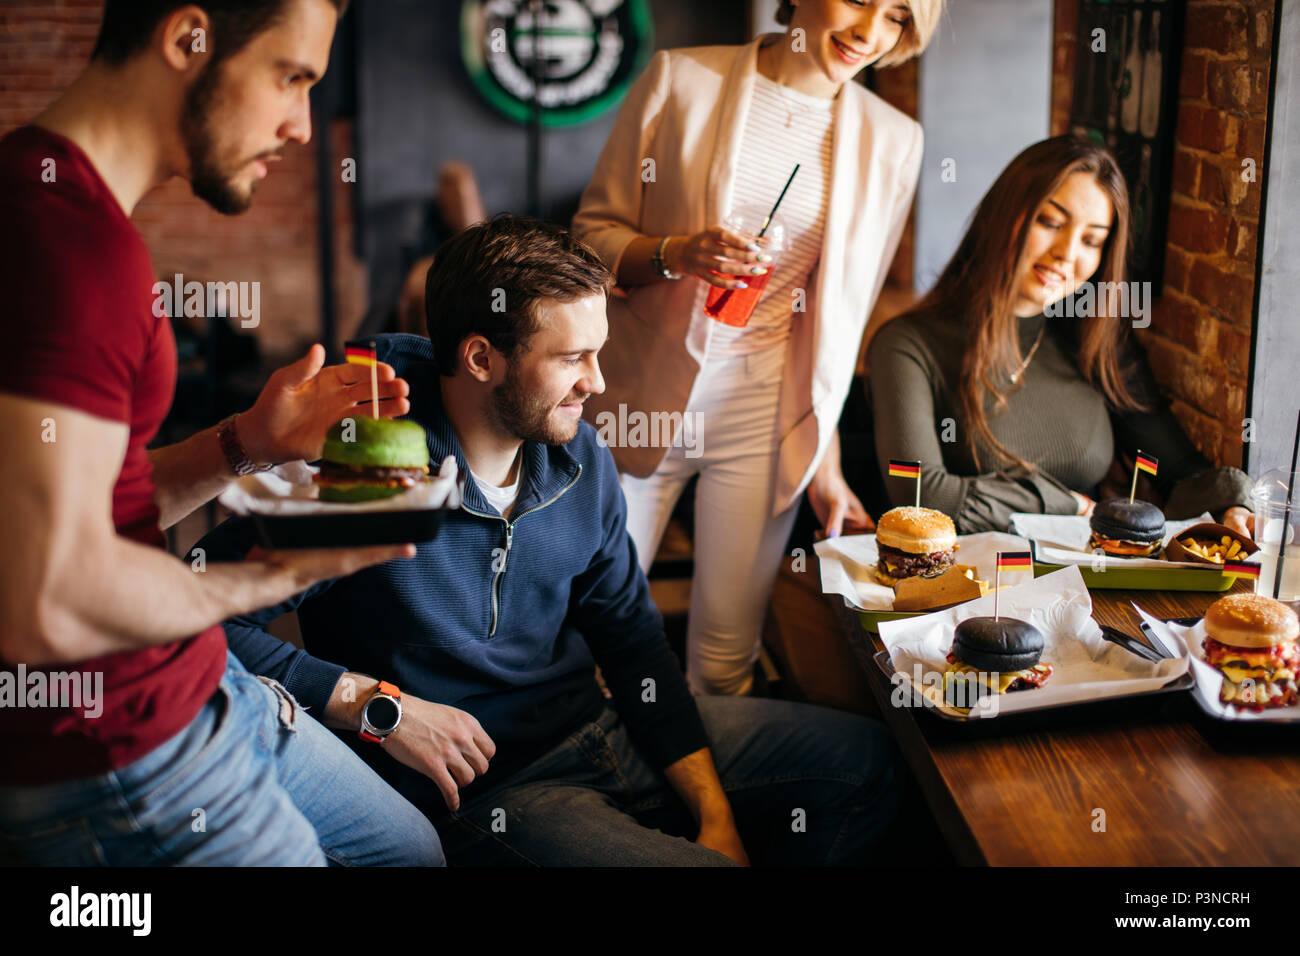 Educado joven camarero trayendo ordenó a los huéspedes en el restaurante hamburguesas Imagen De Stock